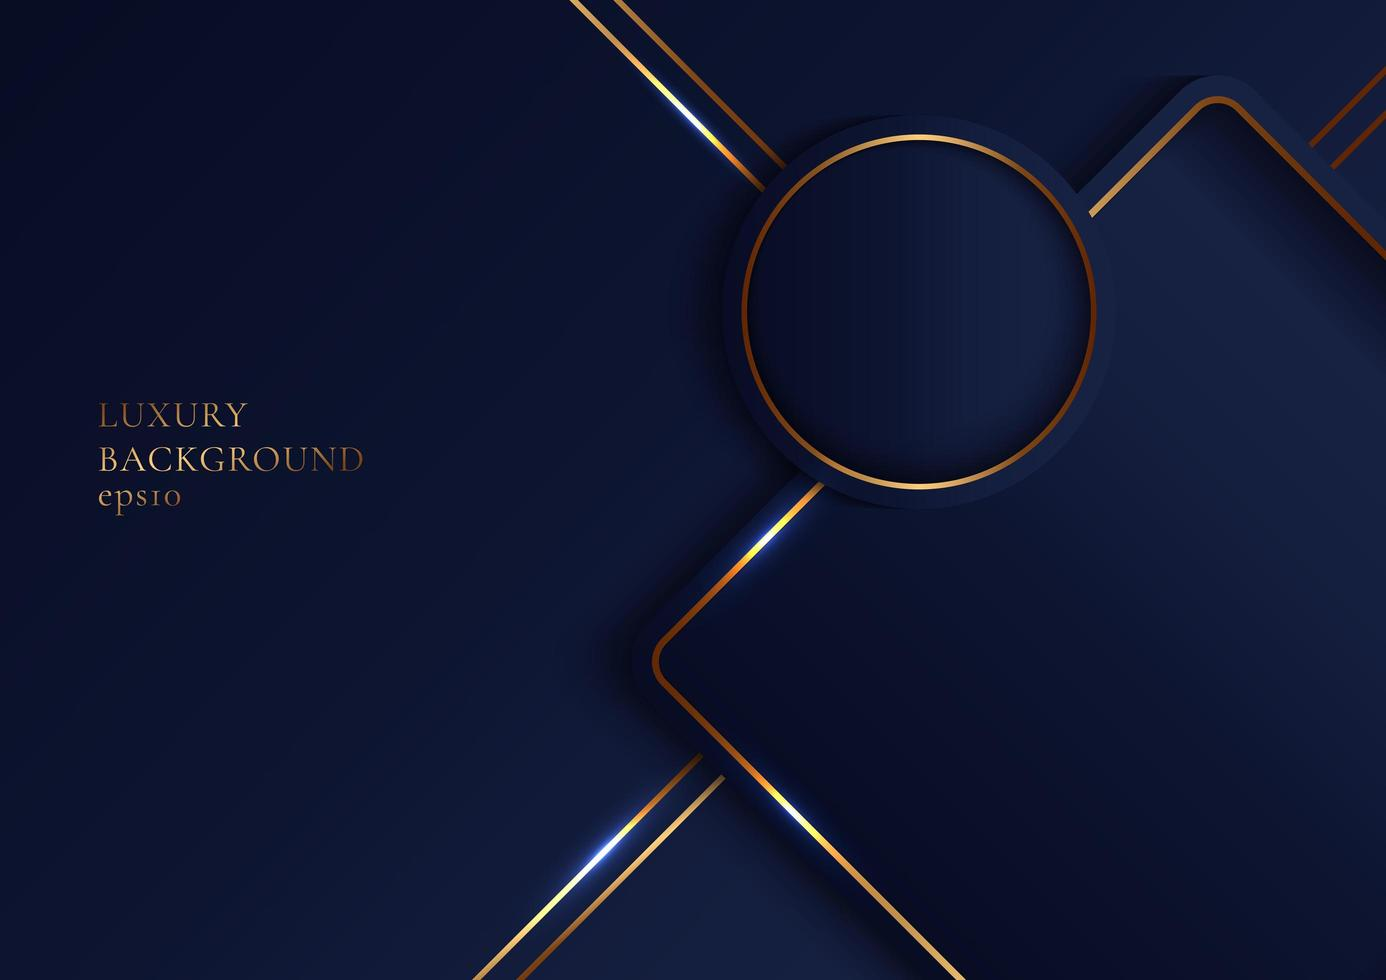 camadas de sobreposição geométricas abstratas elegantes com listras douradas vetor